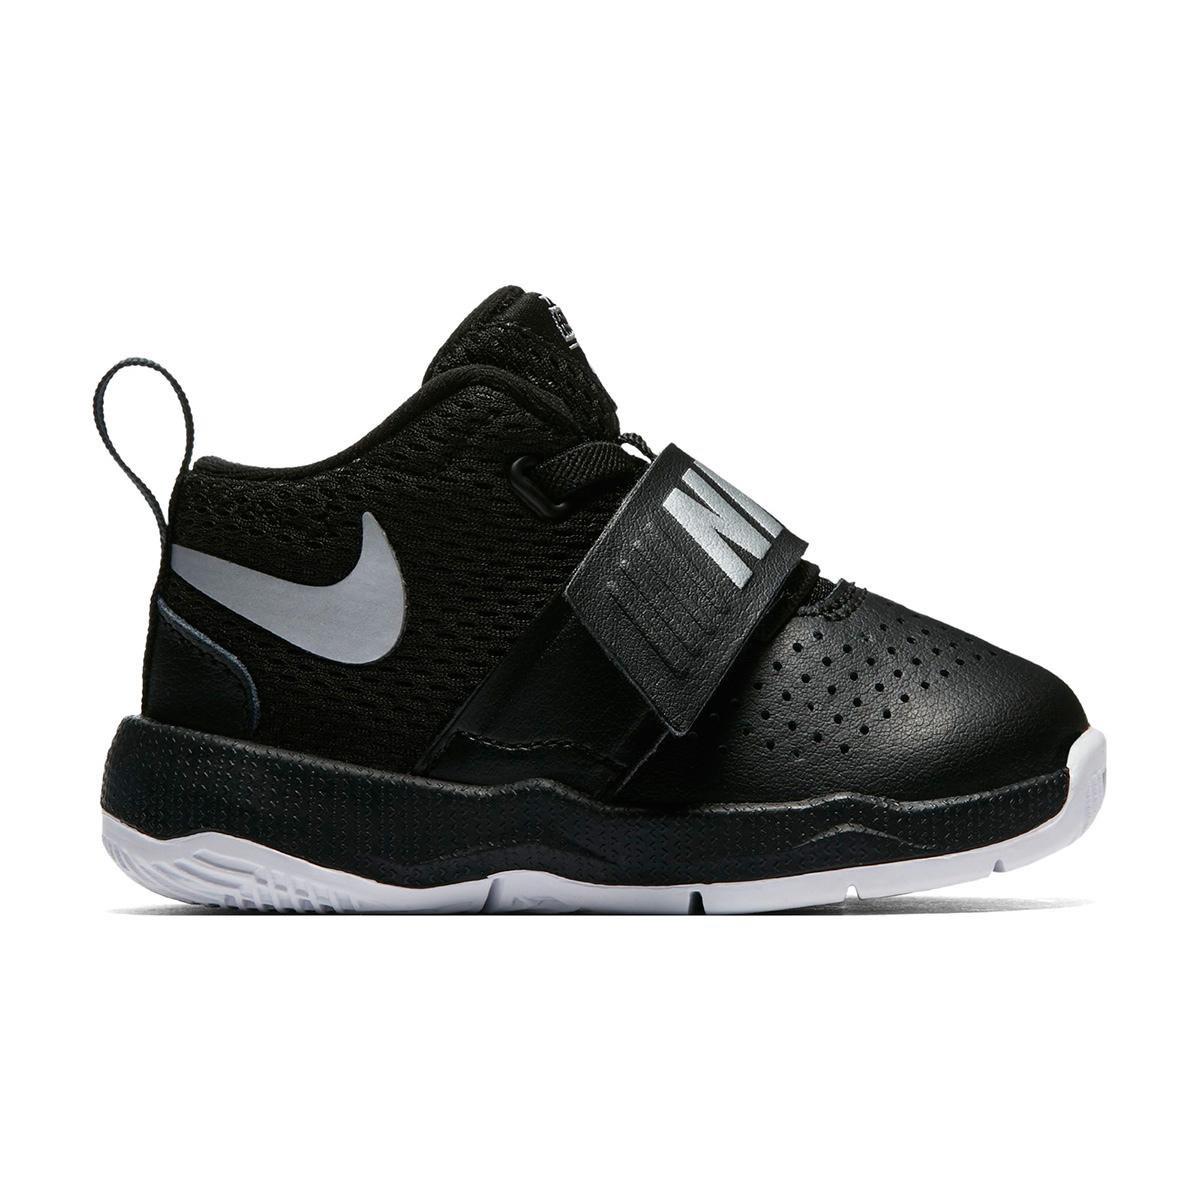 53f32af7e0d Tênis Infantil Couro Nike Team Hustle D Masculino - Preto e Branco - Compre  Agora